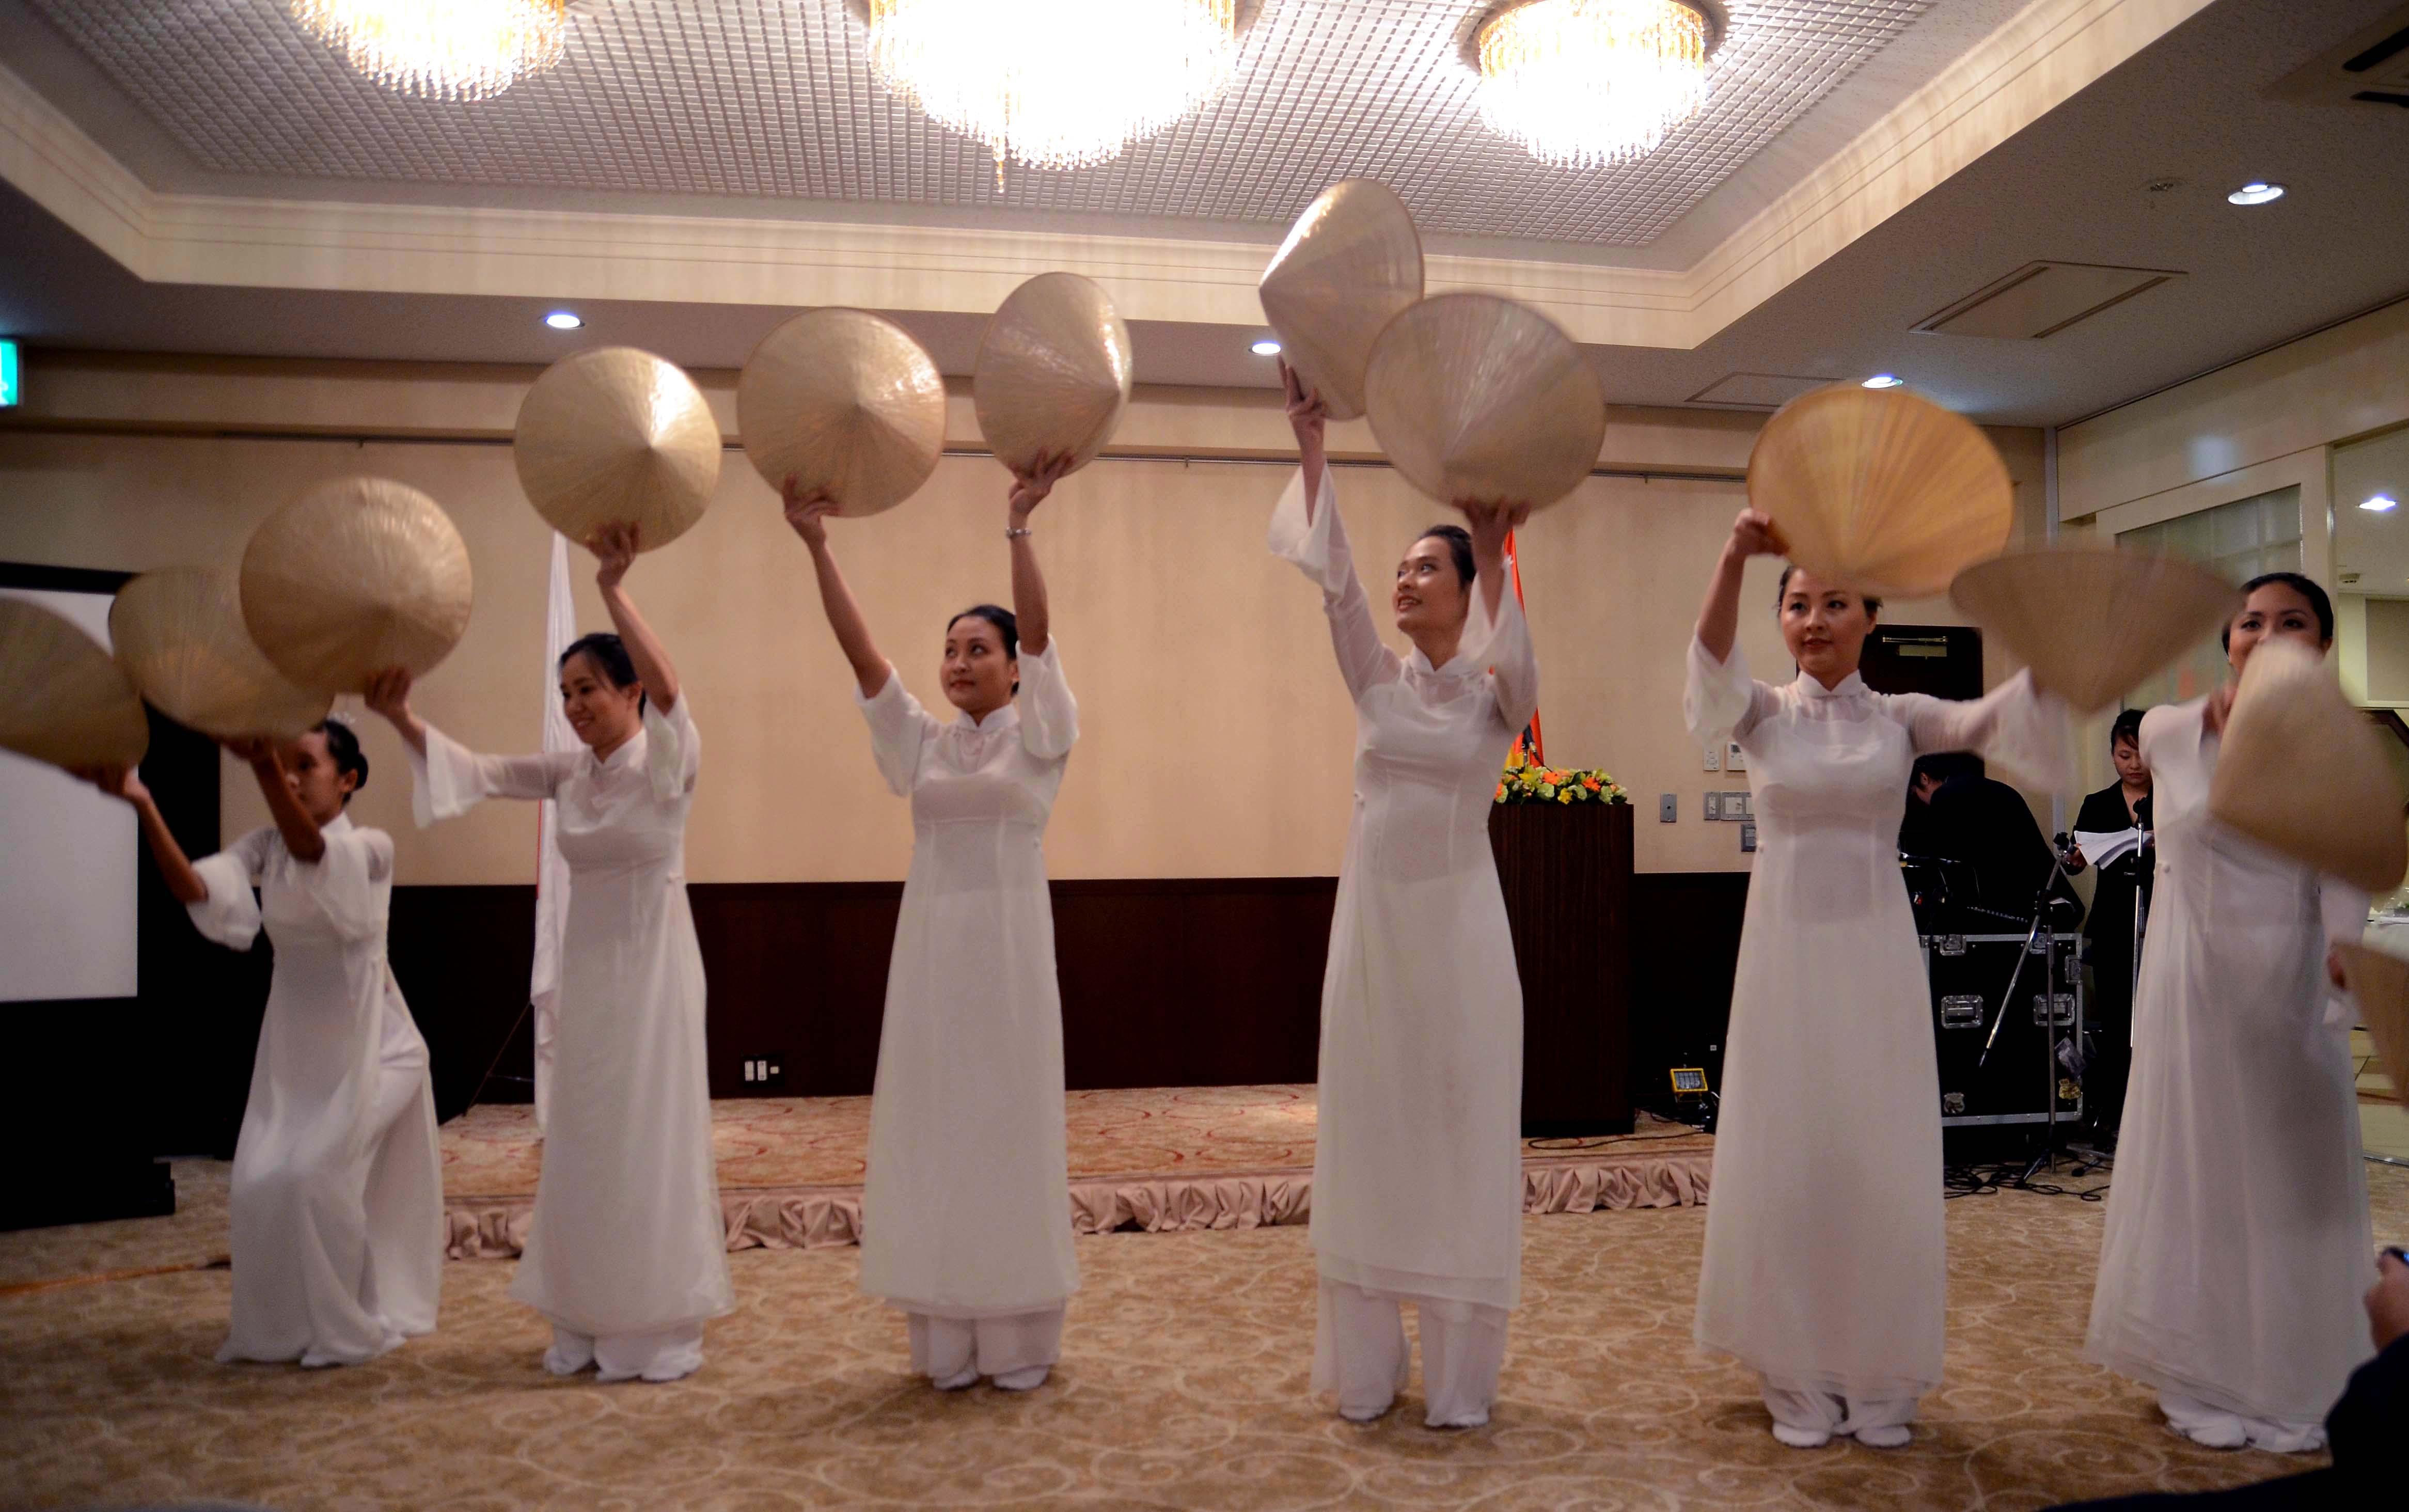 日本において美しいベトナムと言う文化交流